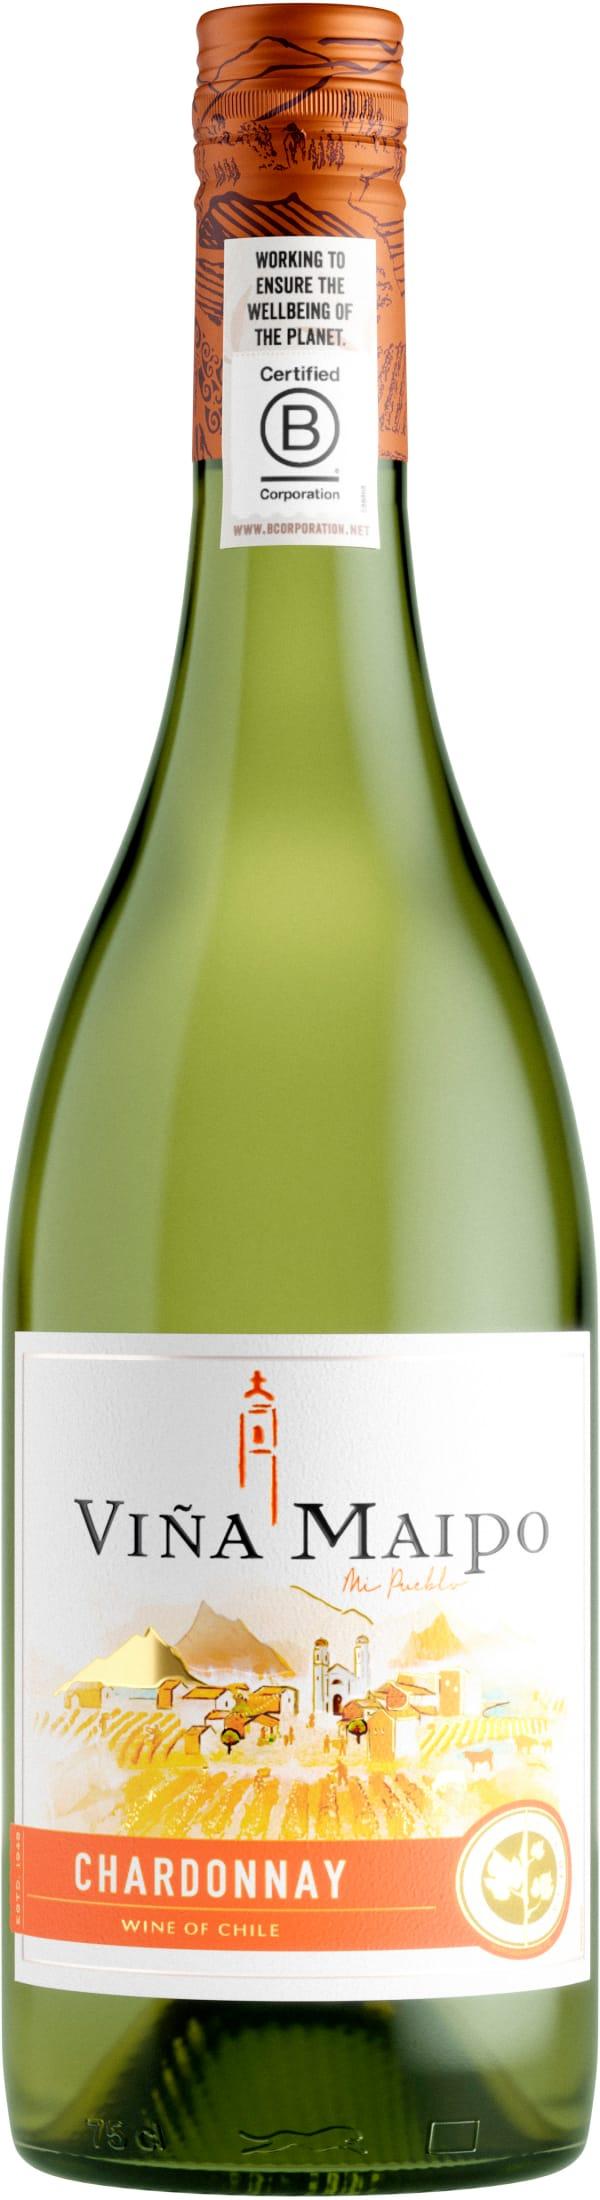 Viña Maipo Chardonnay 2018